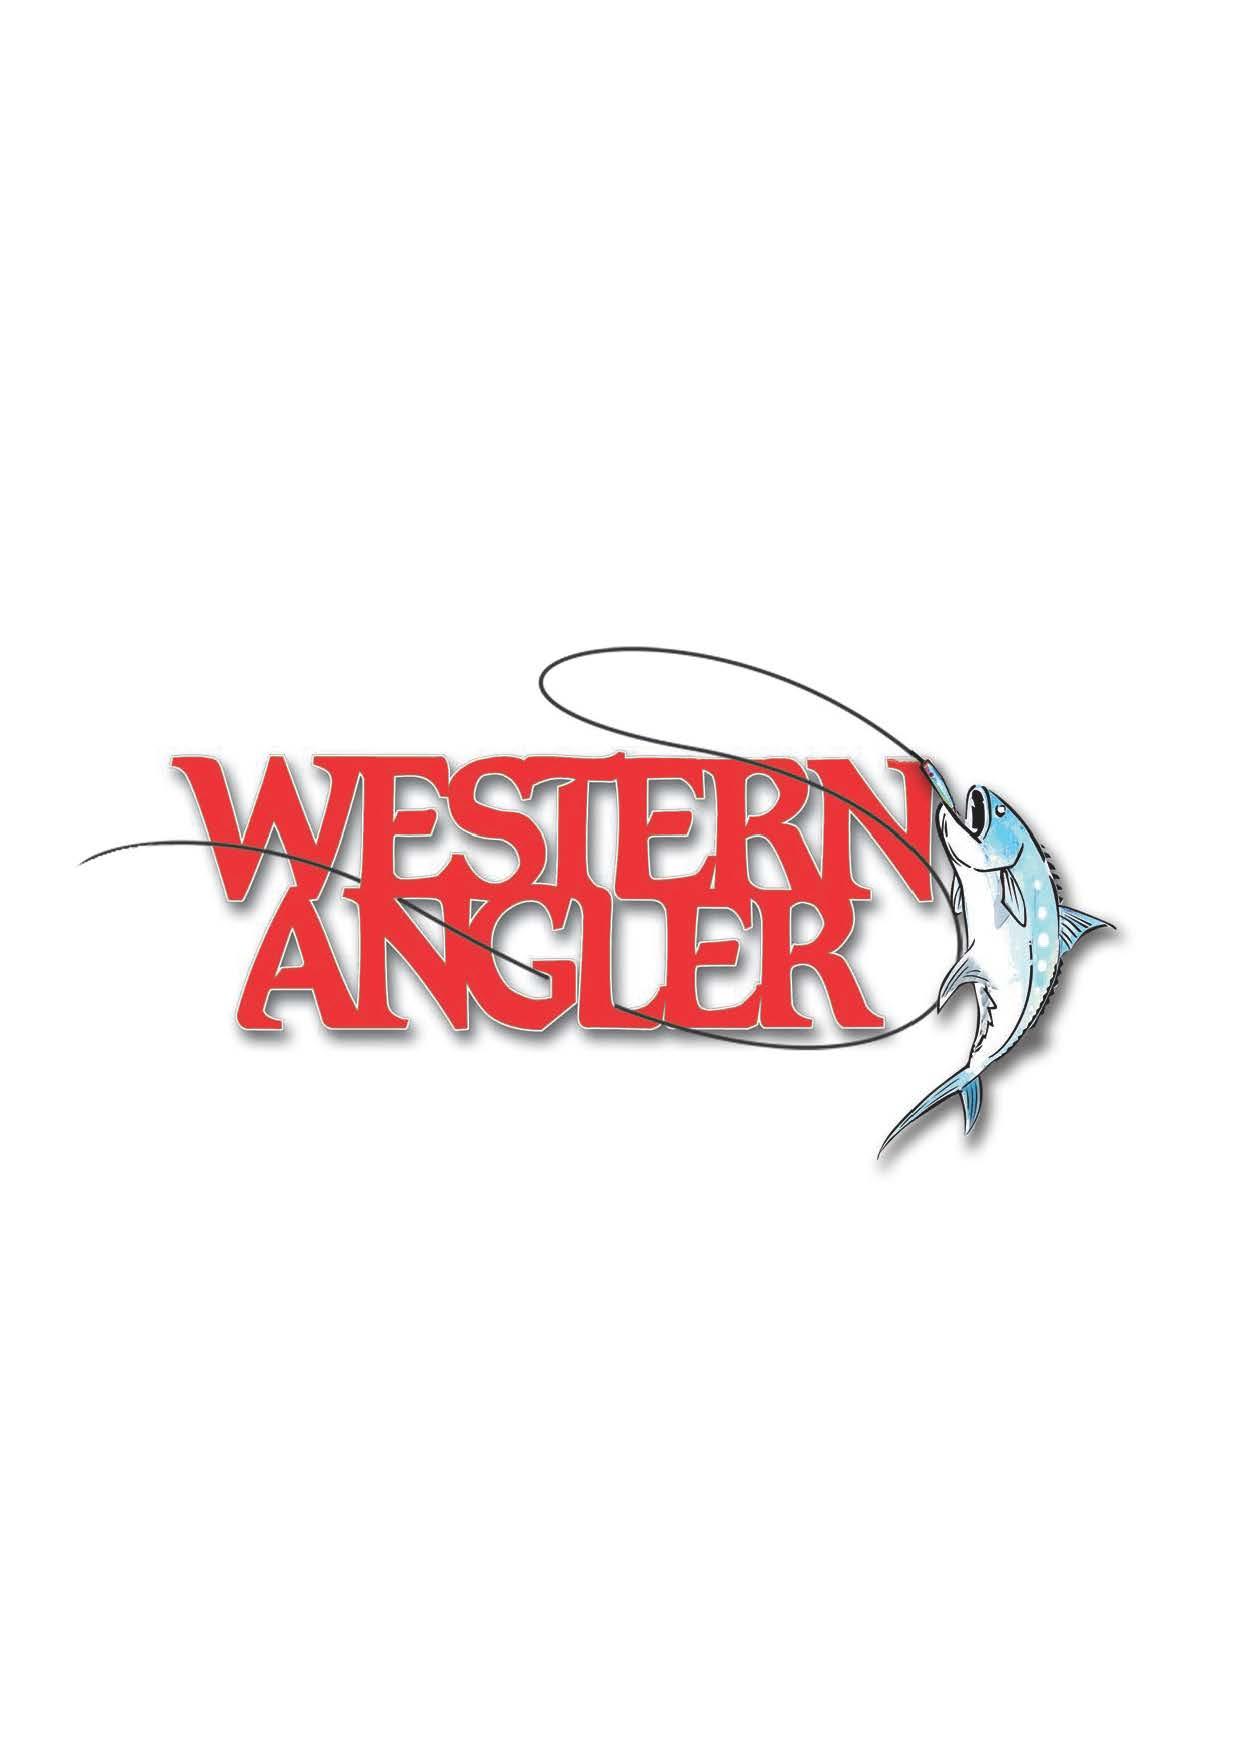 Wangler_logo.jpg